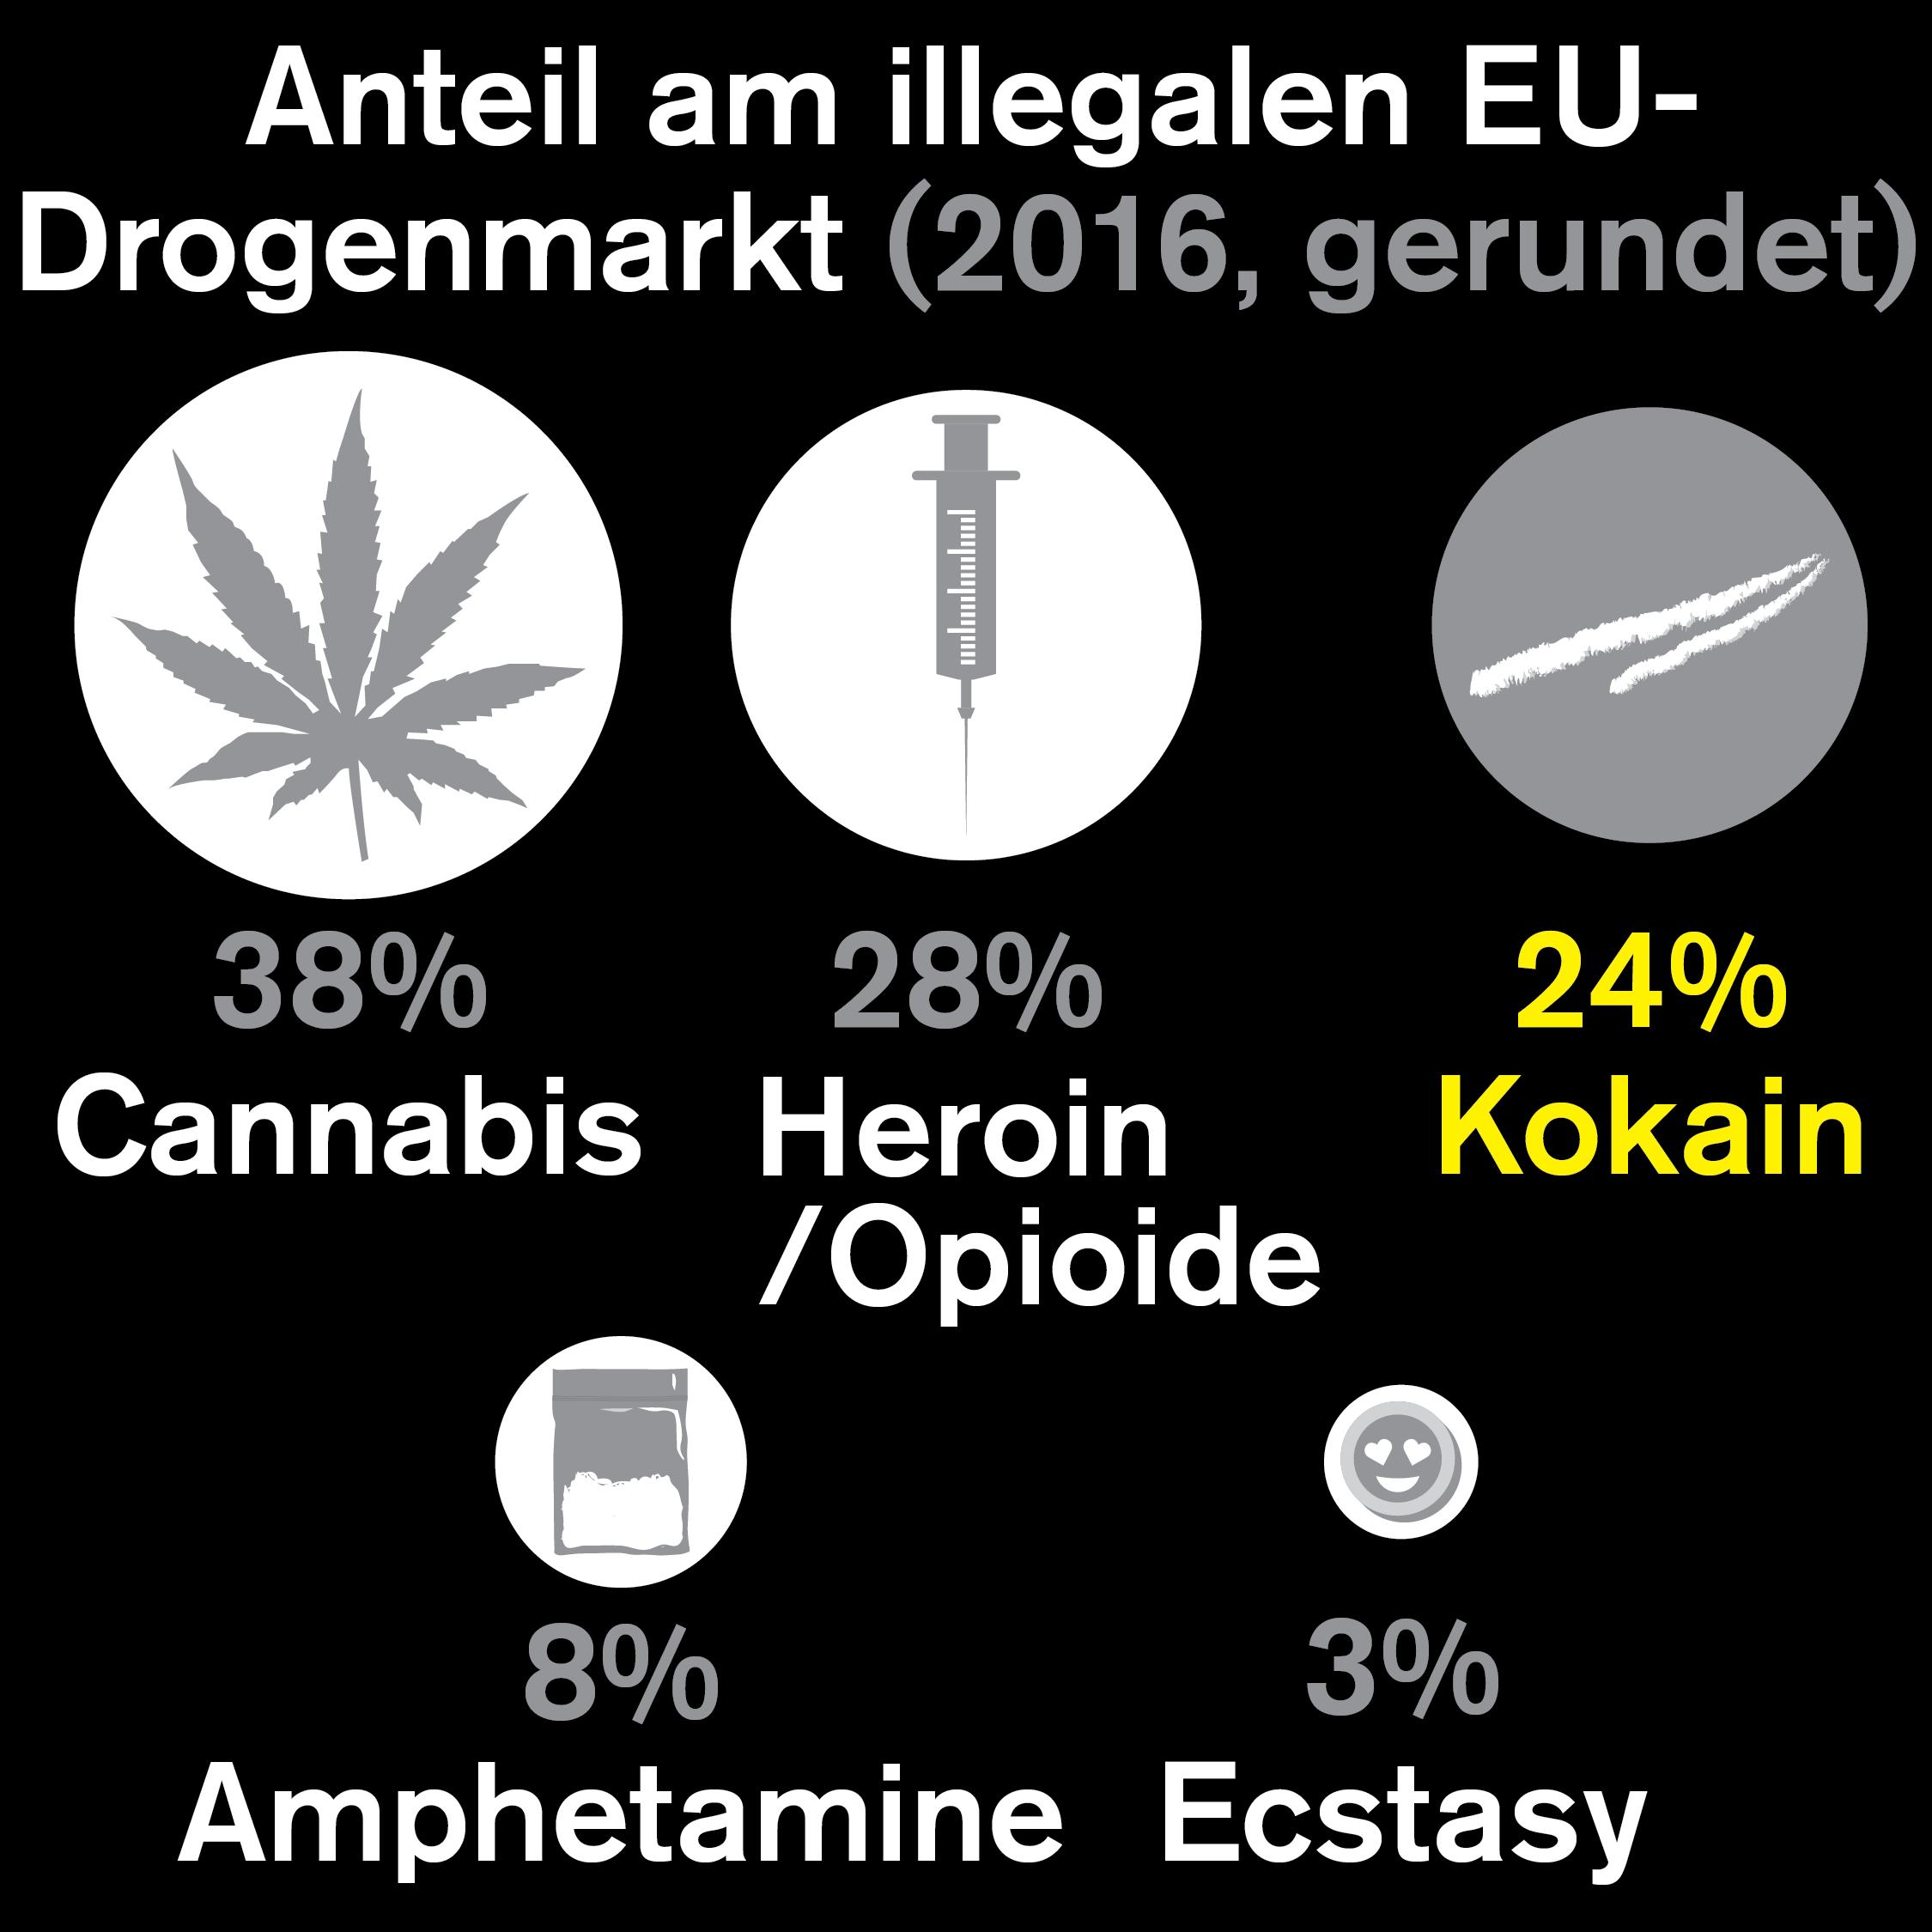 Welche Drogen werden am häufigsten genommen?